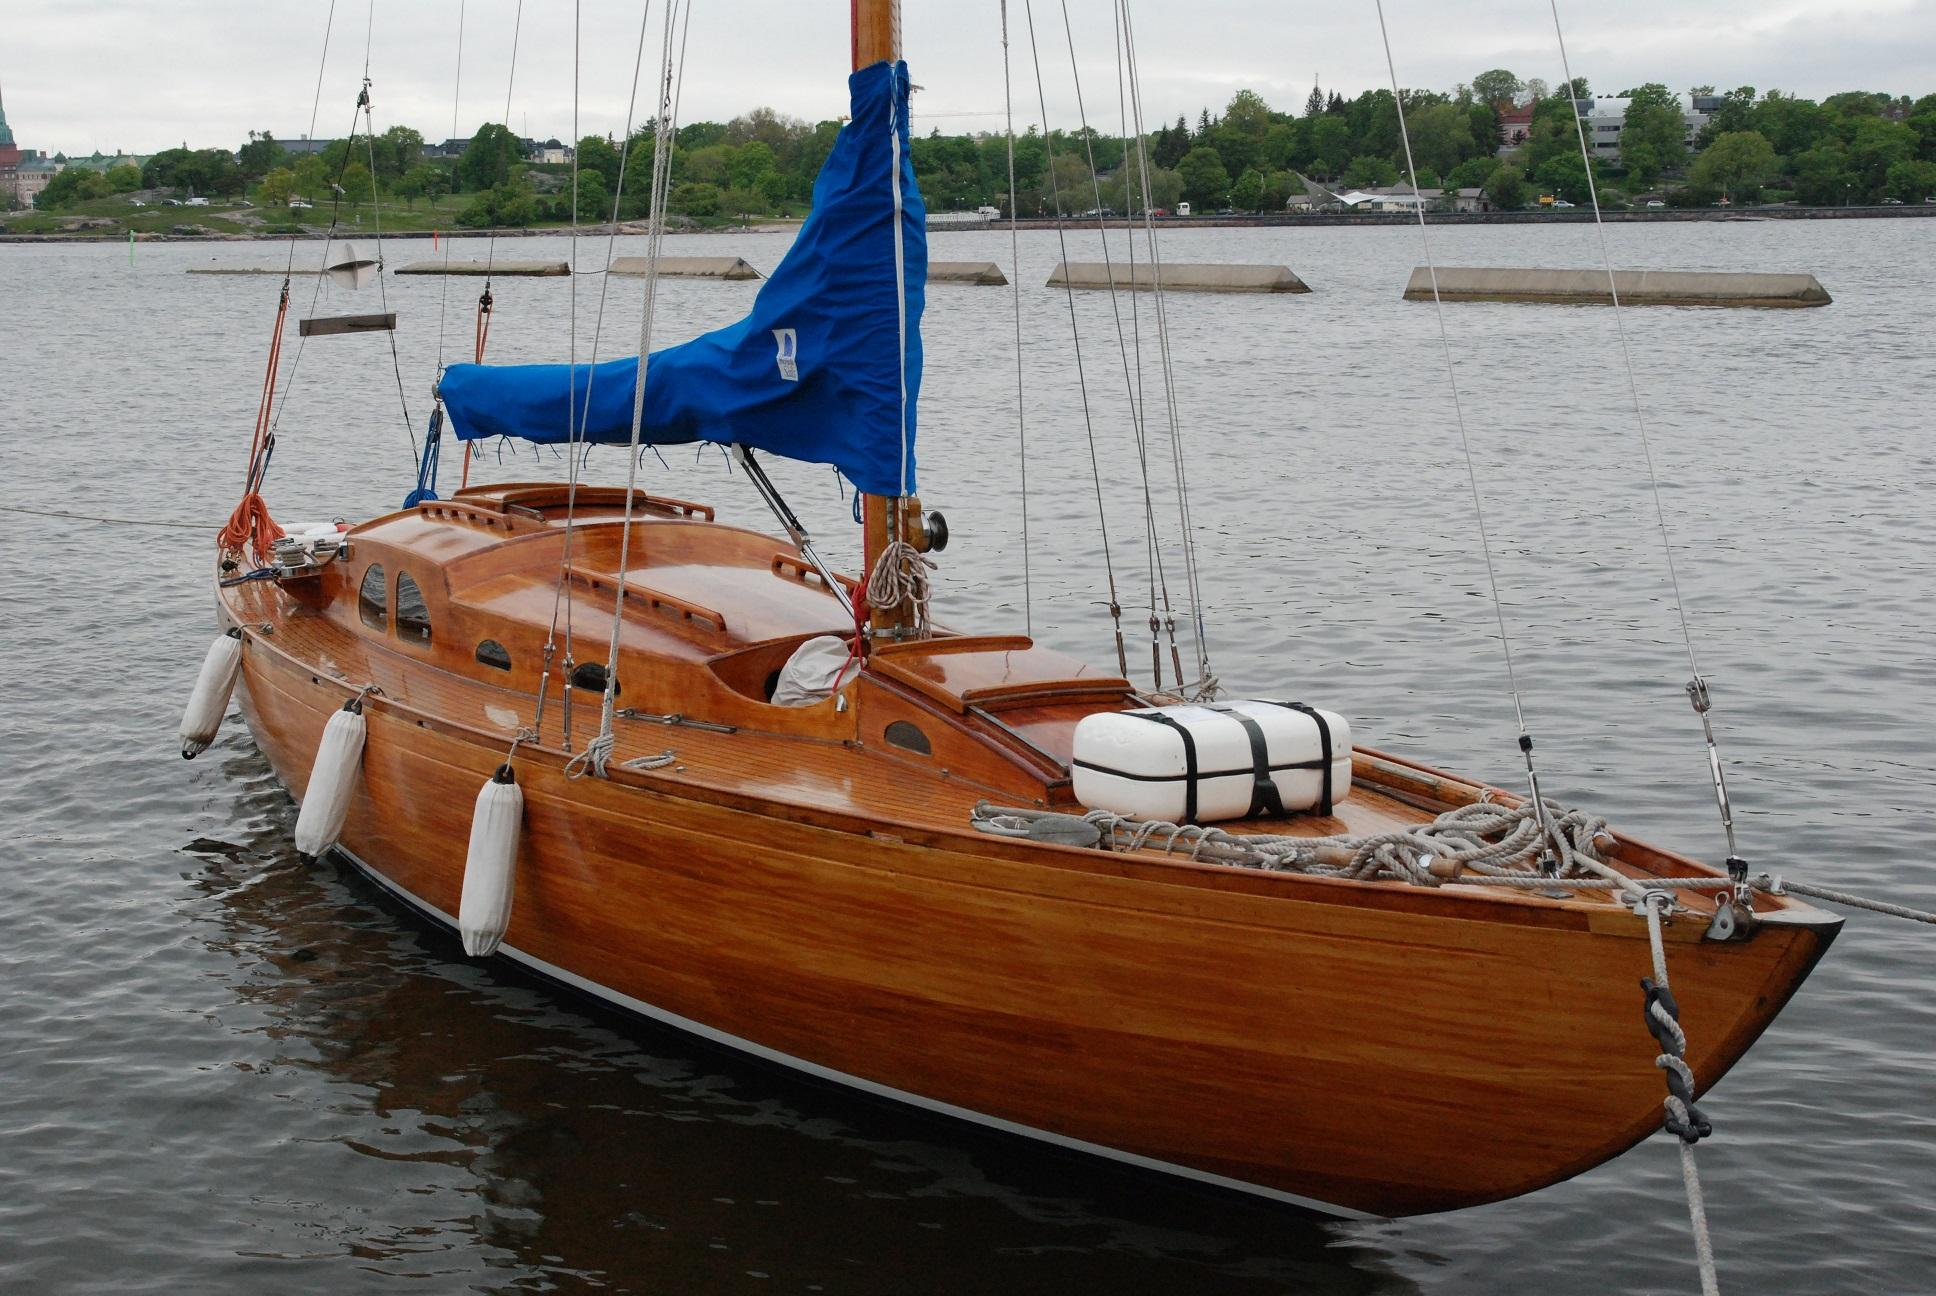 Kustkryssare Nobiskum ex Senta FIN 9269 (ent. KR S-99)